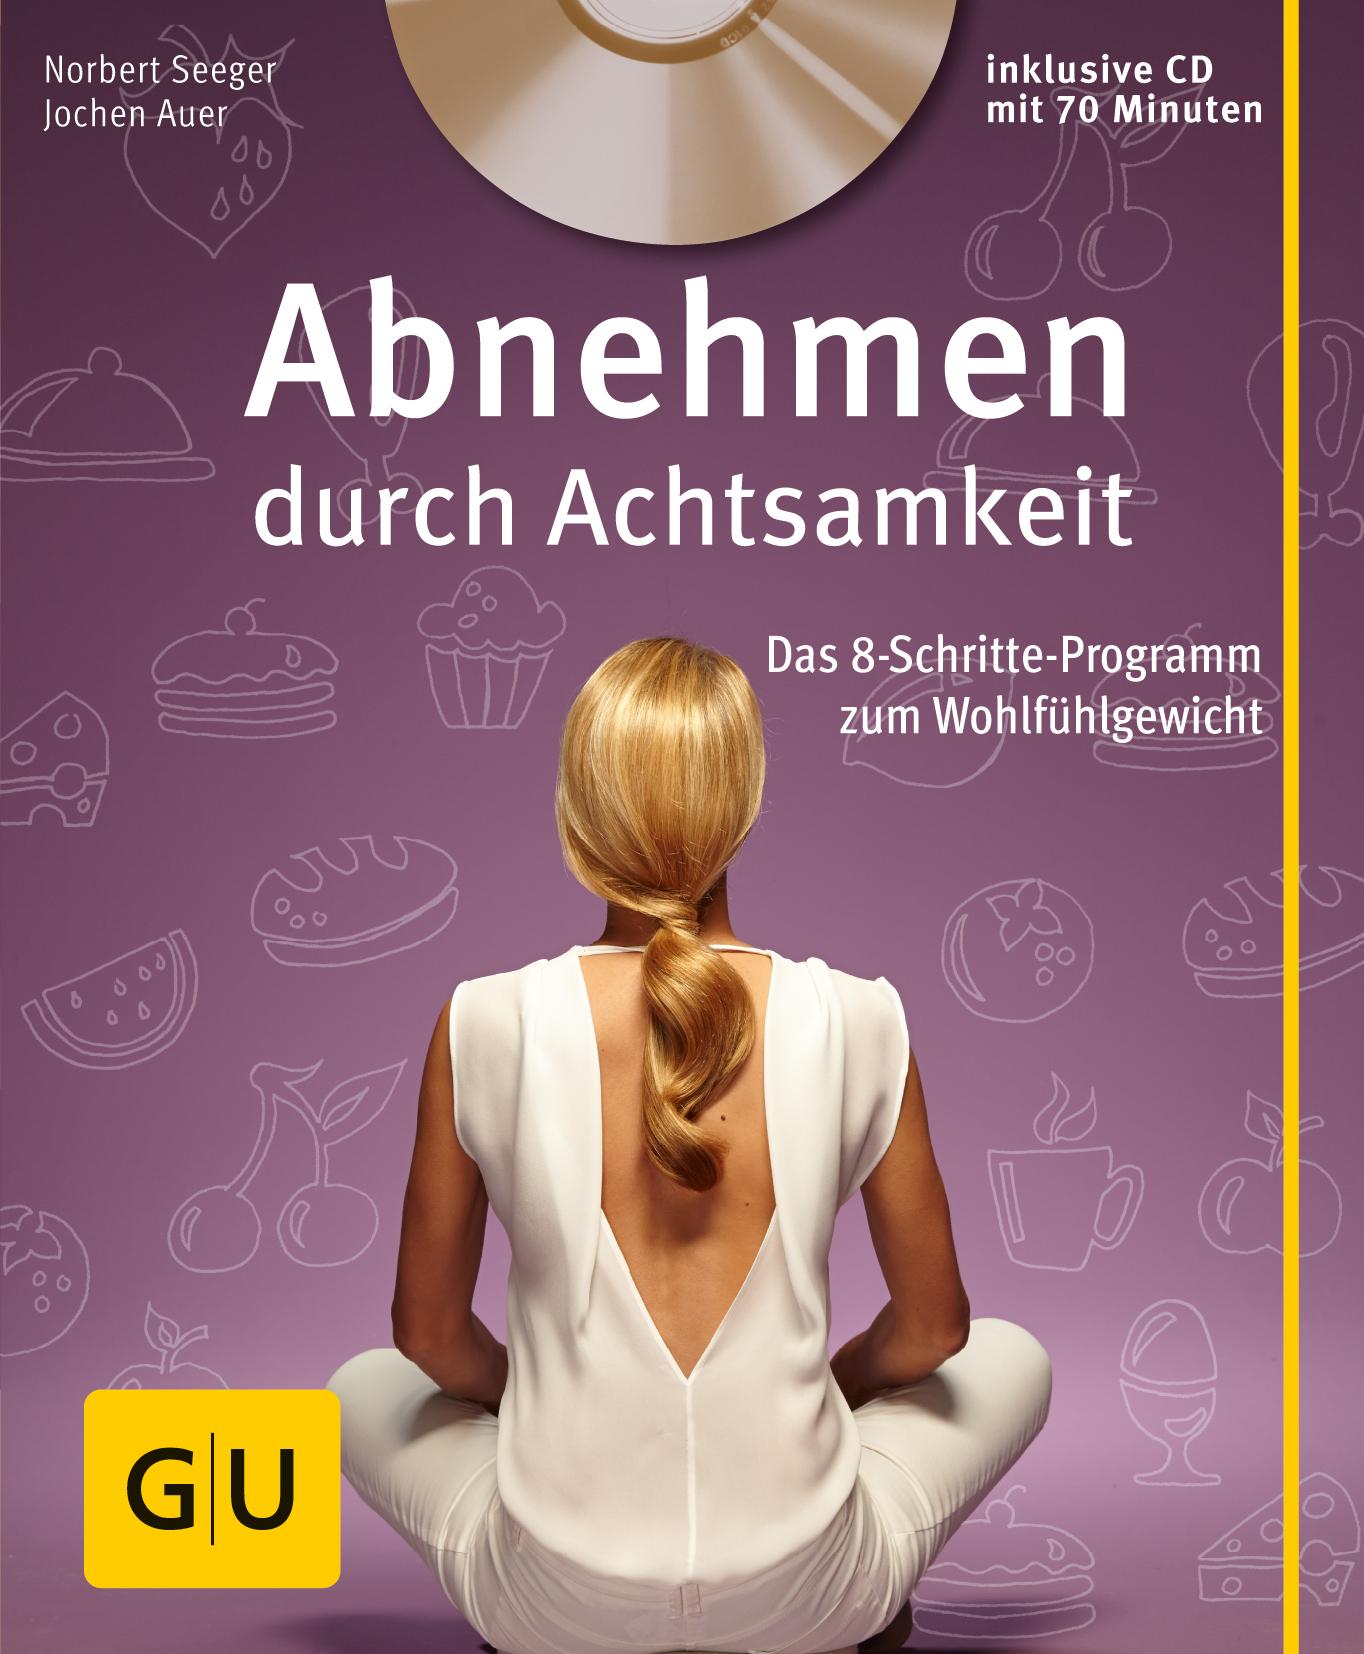 Abnehmen durch Achtsamkeit: Das 8-Schritte-Programm zum Idealgewicht - Norbert Seeger, Jochen Auer [mit CD]